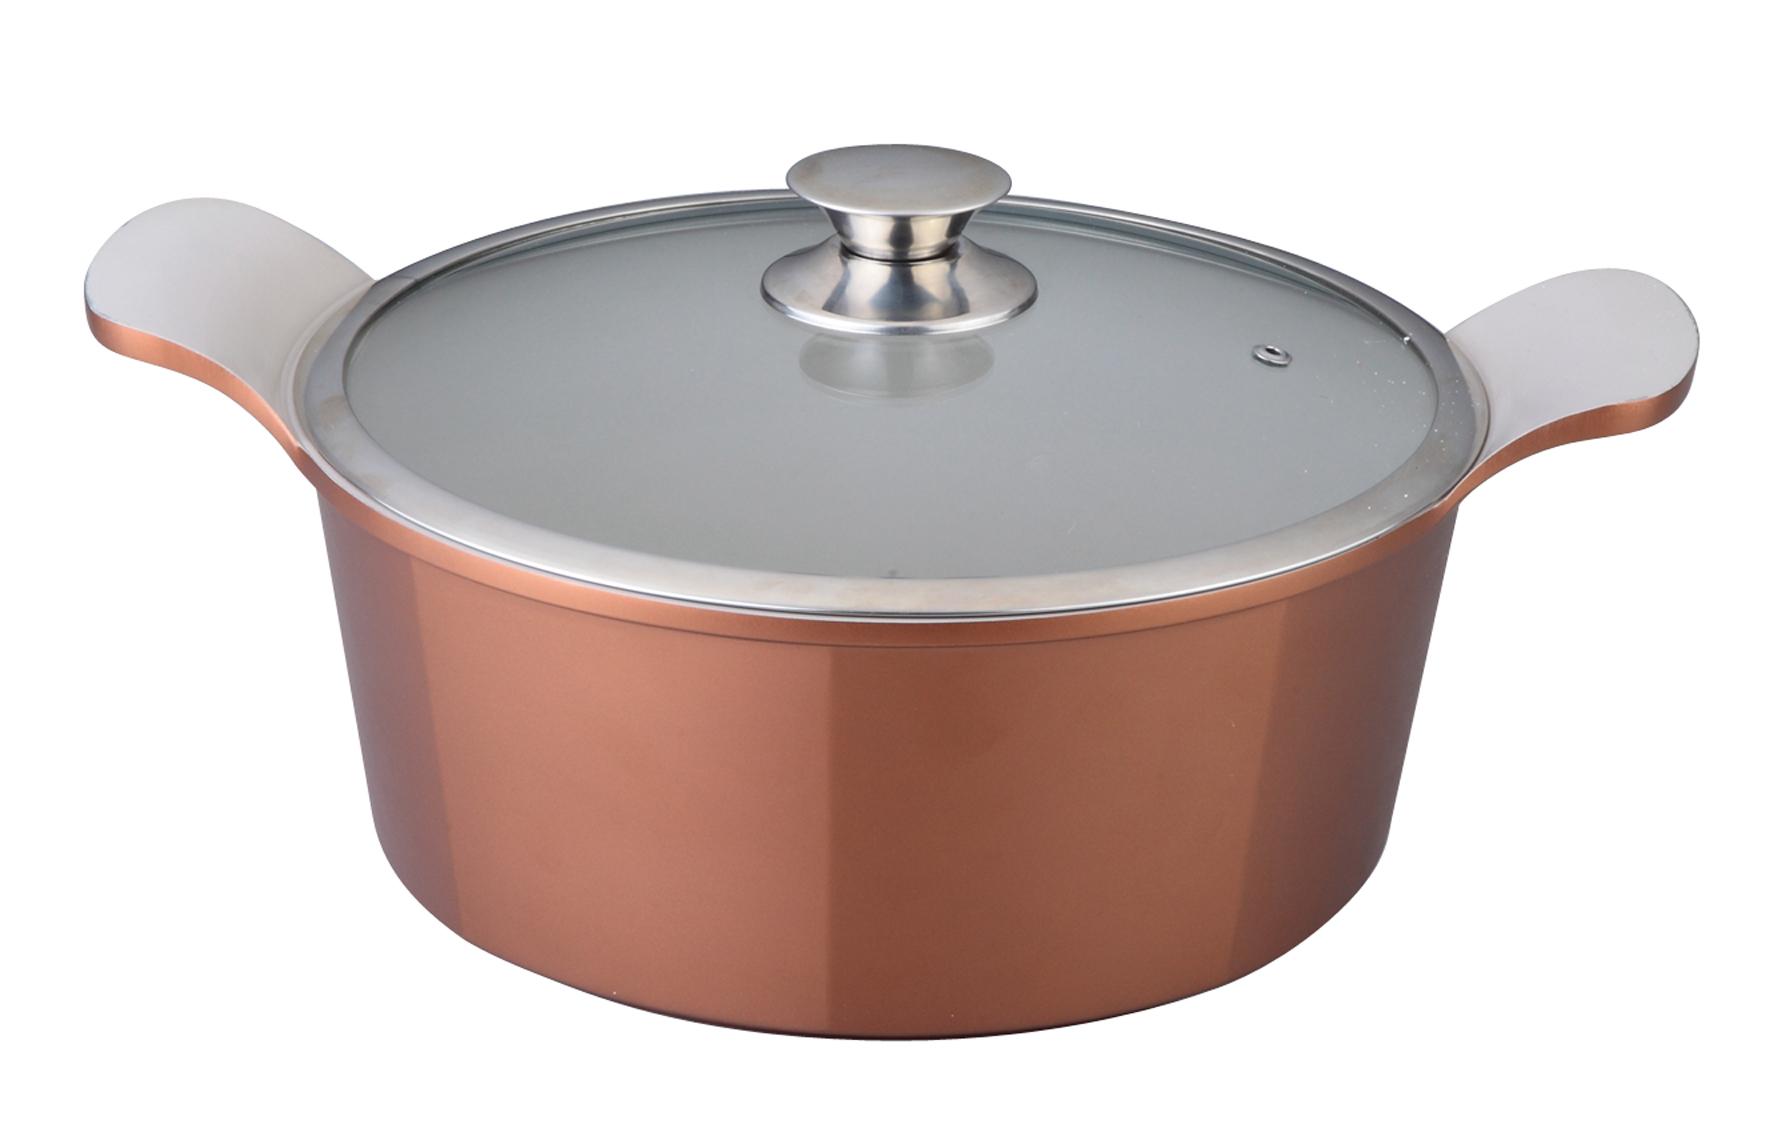 Кастрюля Winner с крышкой, 2,4 л. WR-1408WR-1408Кастрюля Winner выполнена из высококачественного литого алюминия с антипригарным керамическим нанопокрытием Ilag. Посуда с нанопокрытием обладает высокой прочностью, жаро-, износо-, коррозийной стойкостью, химической инертностью. При нагревании до высоких температур не выделяет и не впитывает в себя вредных для человека химических соединений. Нанопокрытие гарантирует быстрый и равномерный нагрев посуды и существенную экономию электроэнергии. Данная технология позволяет исключить деформацию корпуса при частом и длительном использовании посуды. Кастрюля имеет внешнее цветное жаропрочное силиконовое покрытие. Крышка, выполненная из термостойкого стекла, позволит вам следить за процессом приготовления пищи. Крышка плотно прилегает к краю кастрюли, предотвращая проливание жидкости и сохраняя аромат блюд.Изделие подходит для использования на всех типах плит, включая индукционные. Можно мыть в посудомоечной машине.Это идеальный подарок для современных хозяек, которые следят за своим здоровьем и здоровьем своей семьи. Эргономичный дизайн и функциональность позволят вам наслаждаться процессом приготовления любимых, полезных для здоровья блюд. Характеристики: Материал: литой алюминий, стекло. Объем: 2,4 л. Внутренний диаметр: 20 см. Высота стенки: 8 см. Толщина стенки: 2 мм. Толщина дна: 0,5 см. Размер упаковки: 24,5 см х 24 см х 11 см. Производитель: Германия. Изготовитель: Китай. Артикул:WR-1408.